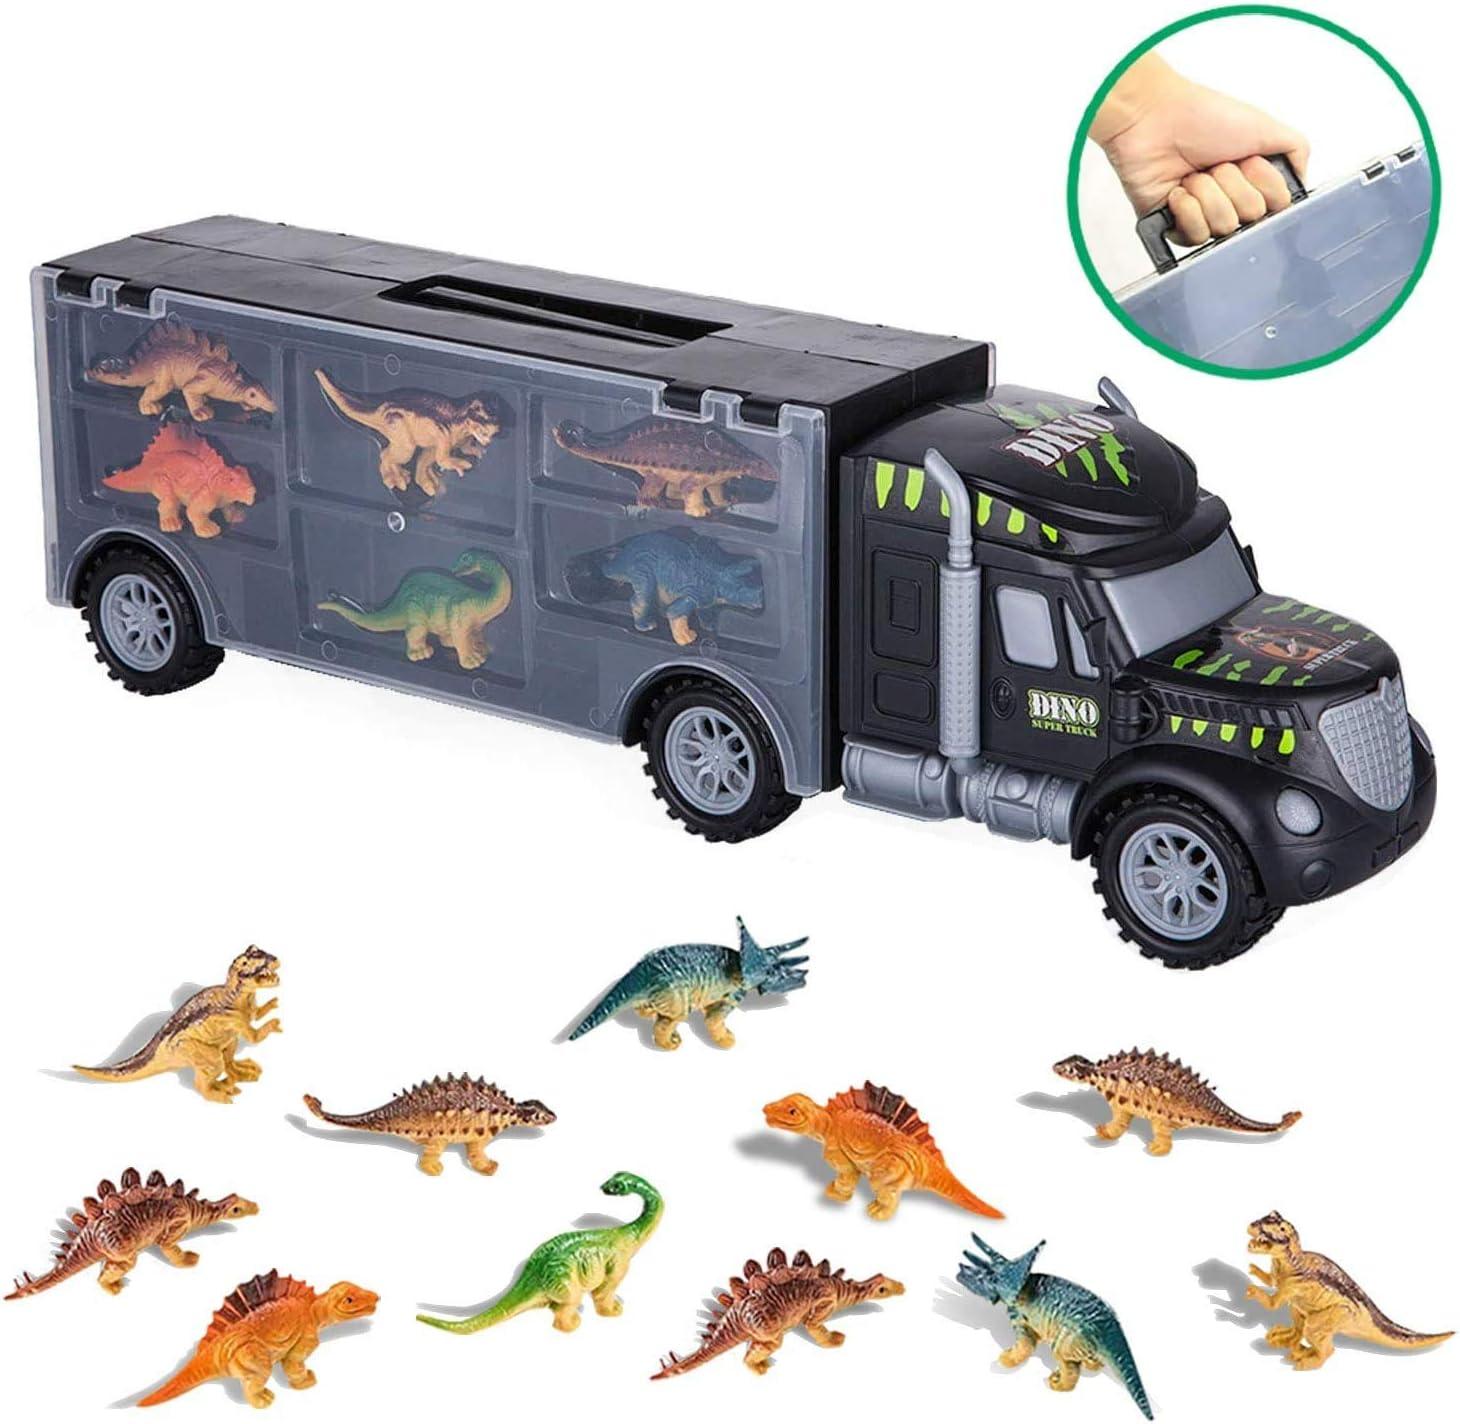 bhdlovely Dinosaurios Juguetes Camión de Dinosaurio Transporte Camión Juguetes con 12 Mini Animales de Dinosaurios de Plástico Juguetes para Niños Niñas 3 - 12 Años